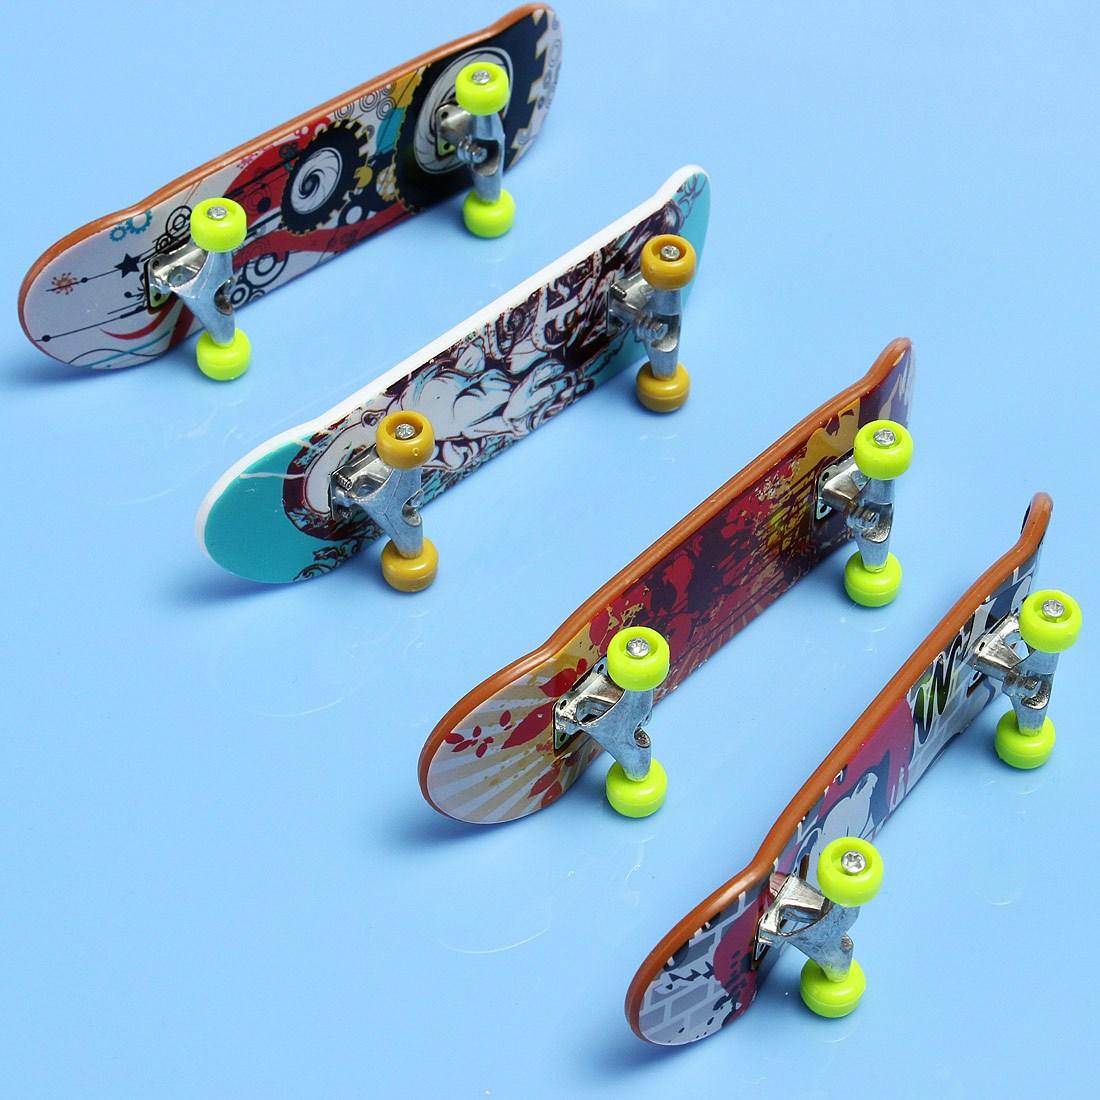 [해외]새로운 나무 FingerBoard 선물 전문 손가락 스케이트 보드 소년 손가락 보드 트럭 아이 어린이 KIds 파티 두뇌 개발/New Wooden FingerBoard Gift Professional Finger Skateboard Boy Finger Board